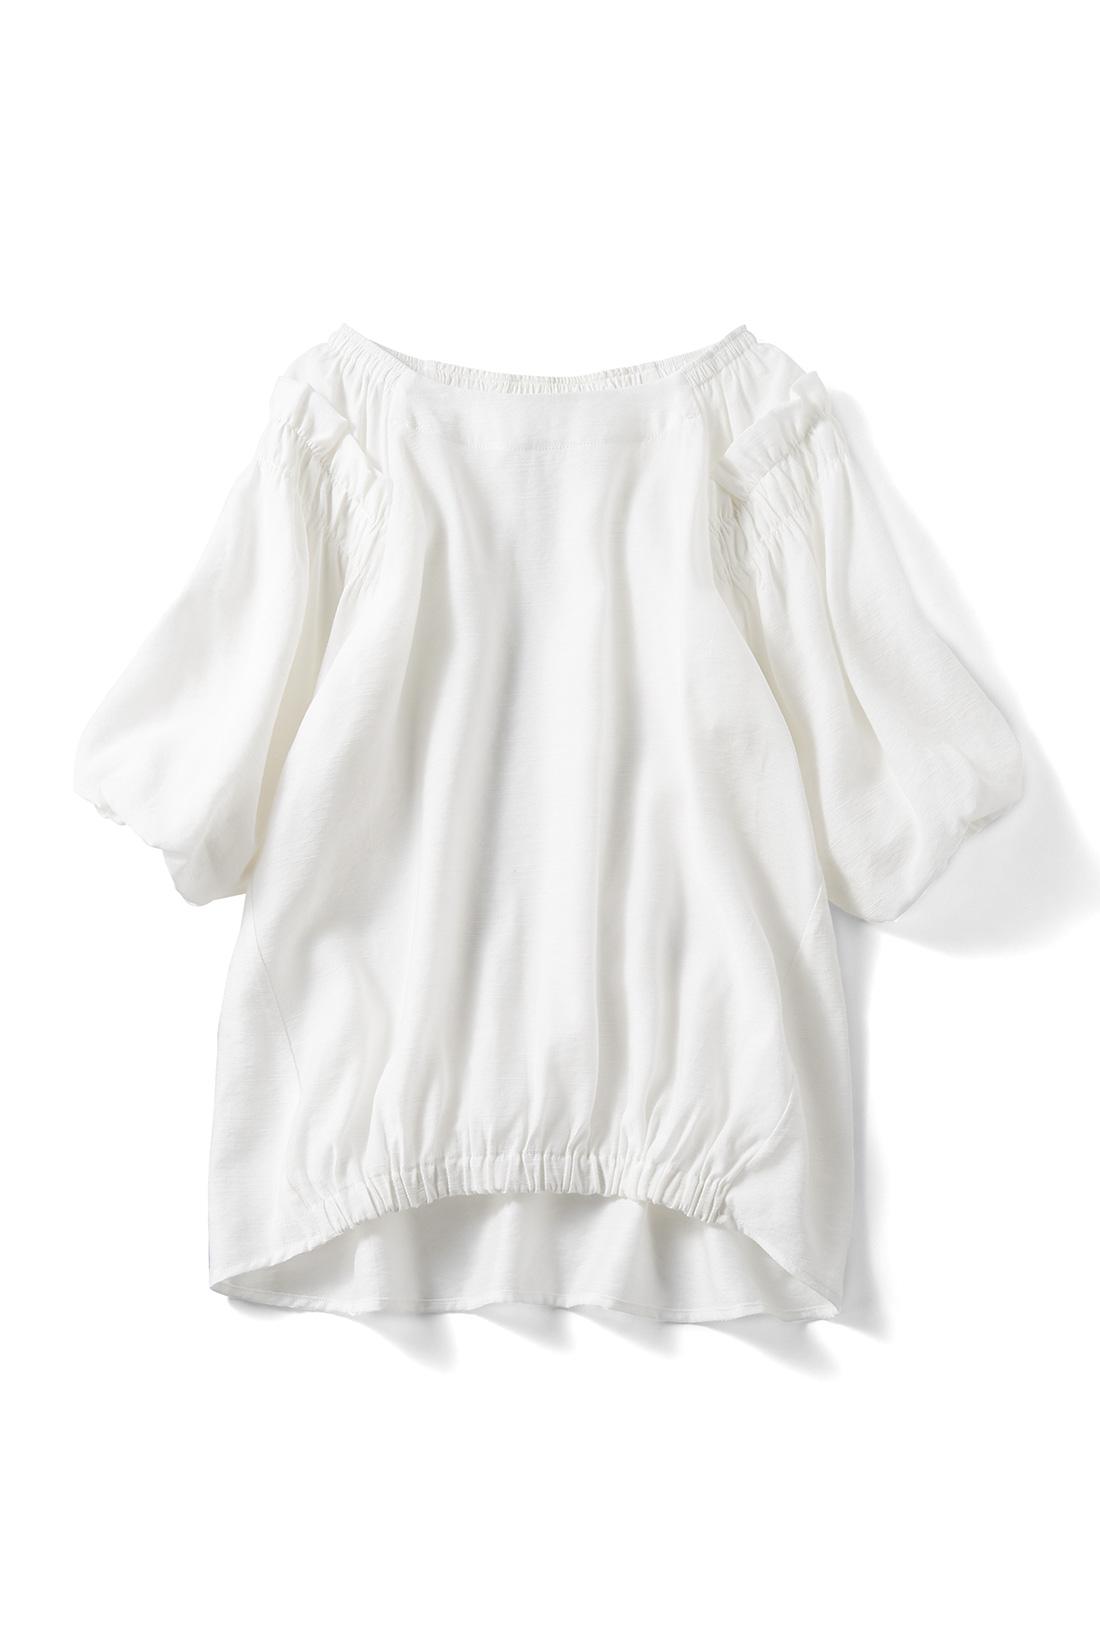 さわやかな〈オフホワイト〉 着るだけでフロントインしたようなこなれ感が出るギャザーゴムデザイン。